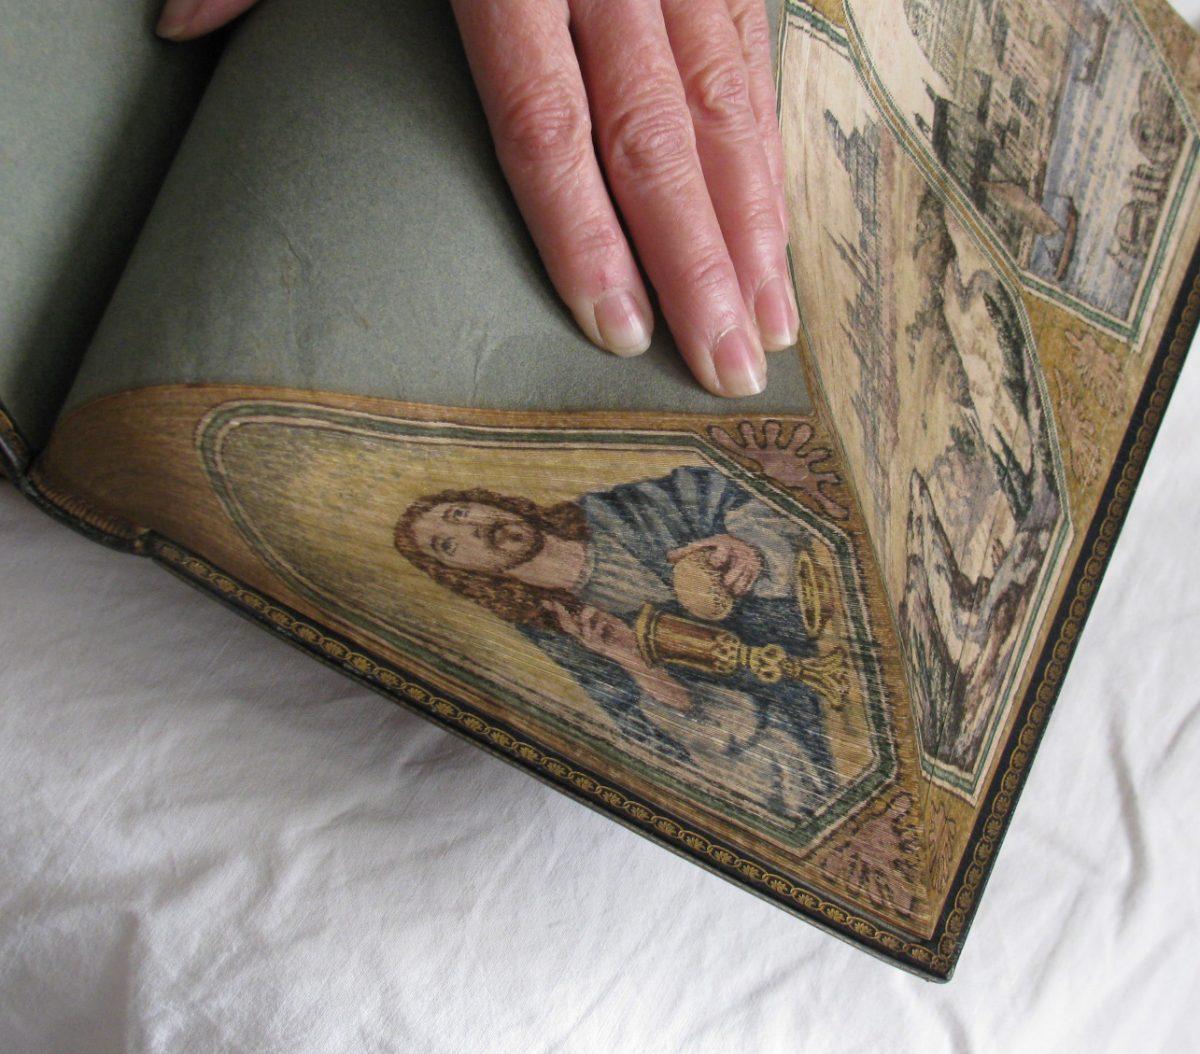 Jesus painting on book